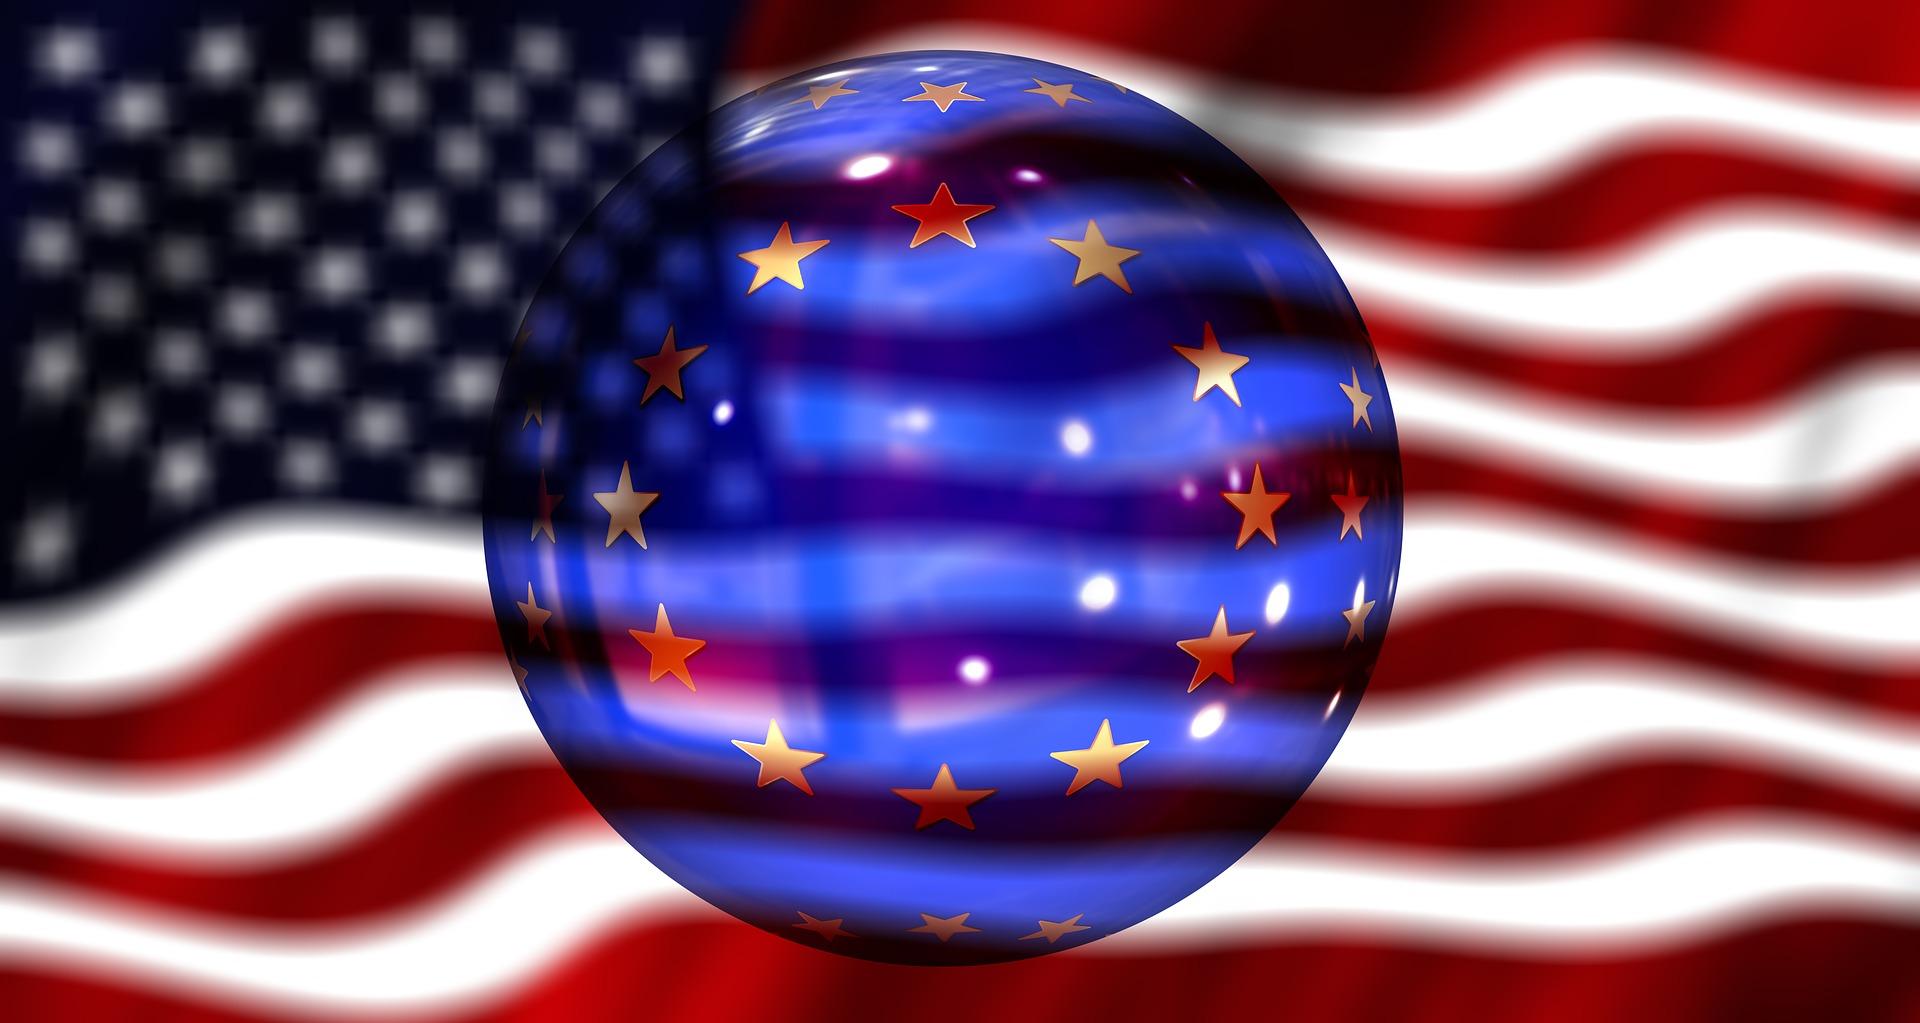 副業お勧めのFXデイトレード!ユーロドルの値動きの特徴と投資戦略